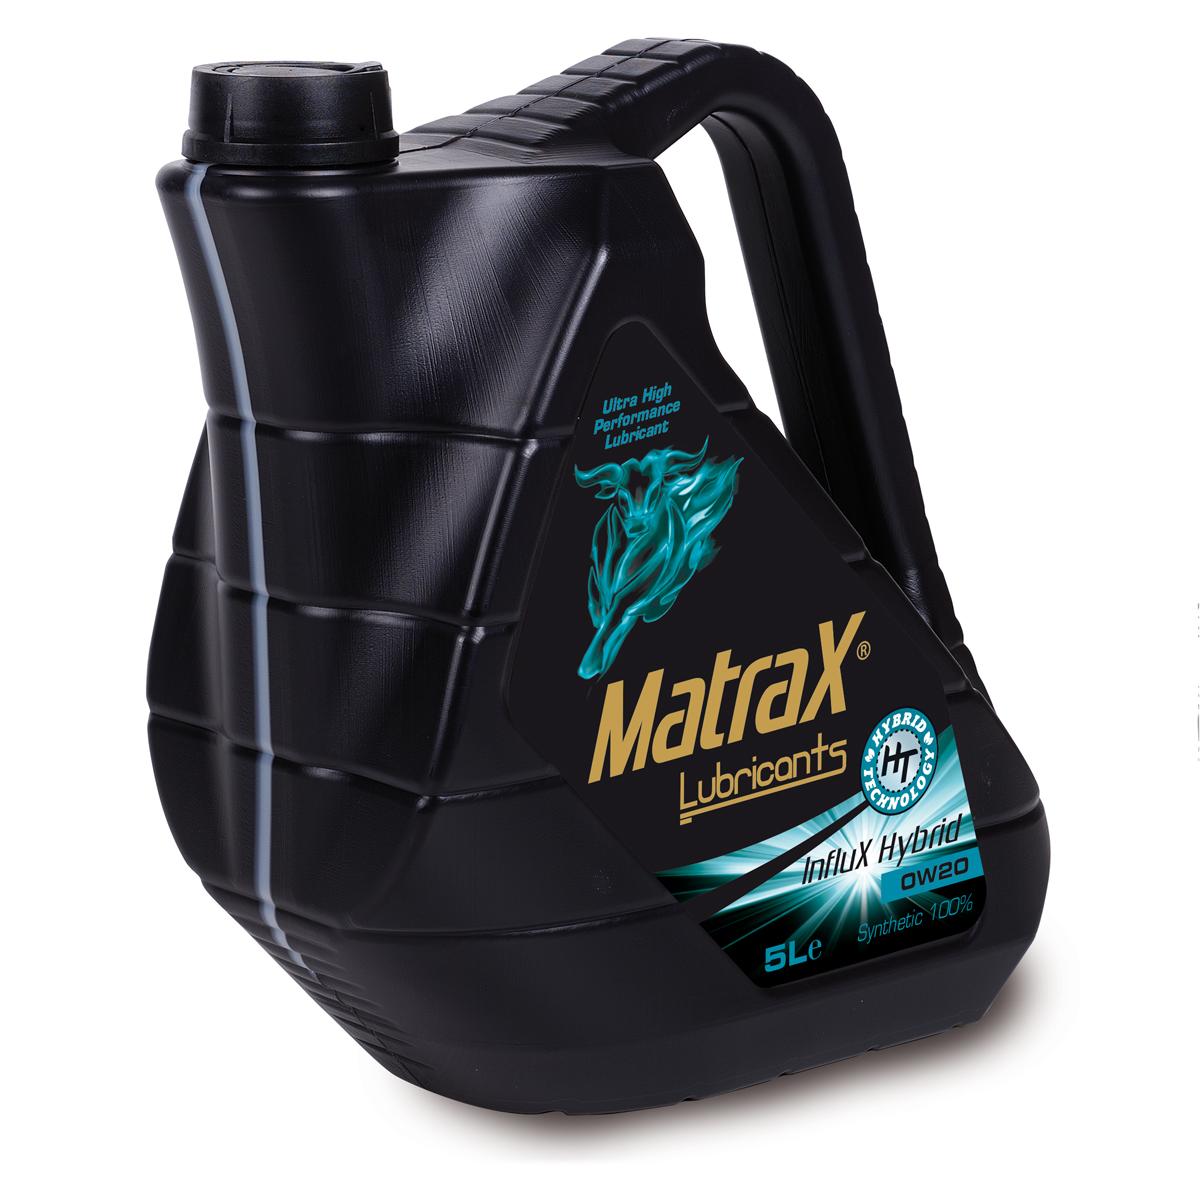 matrax-lubricants-influx-hybrid-0w20-5l